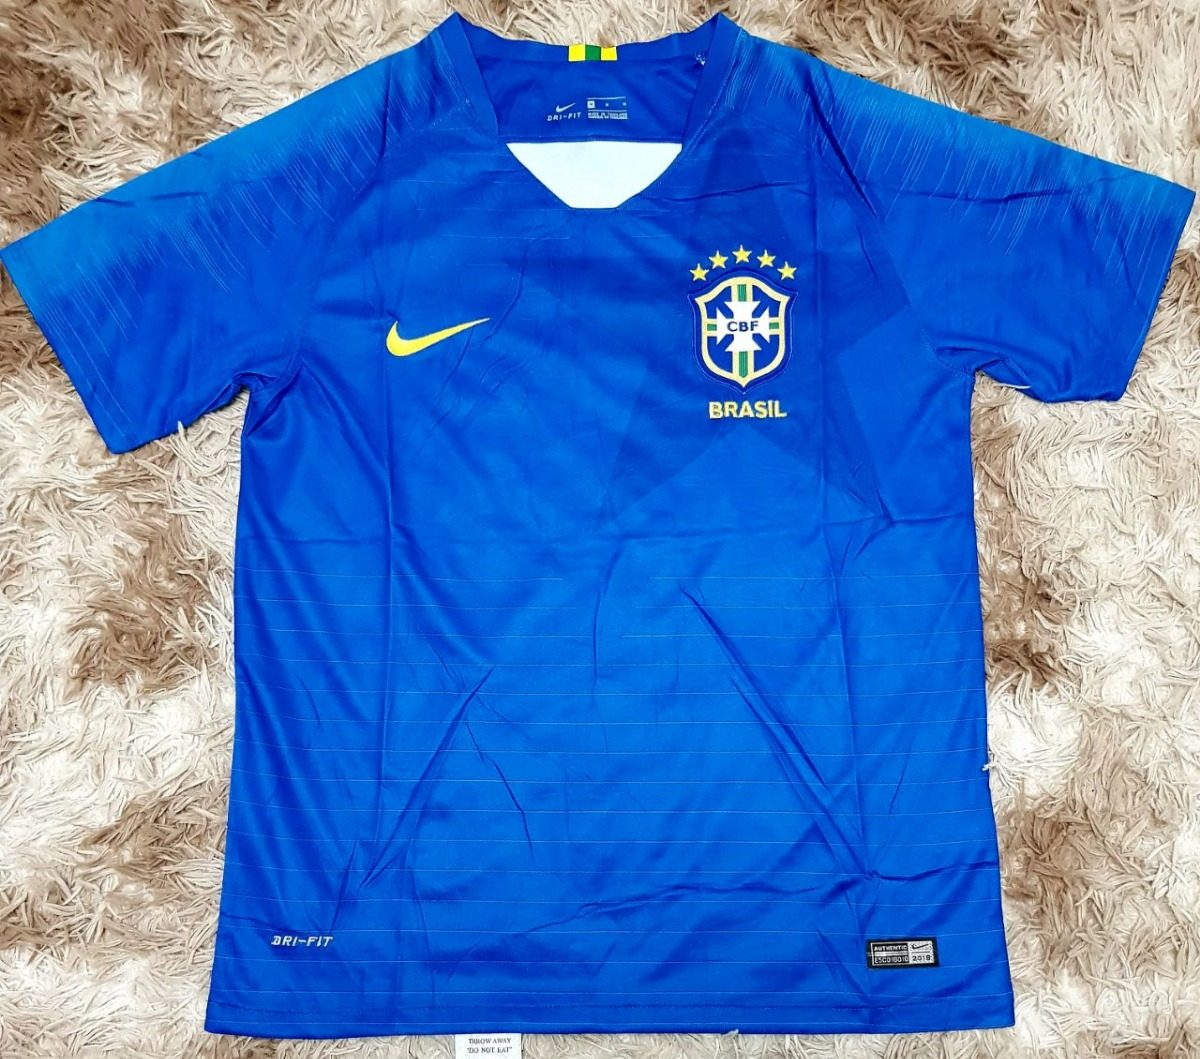 Camisa camiseta Seleção Brasileira Fc Nike 2018 Envio Em 24h - R ... a6a27327339a7